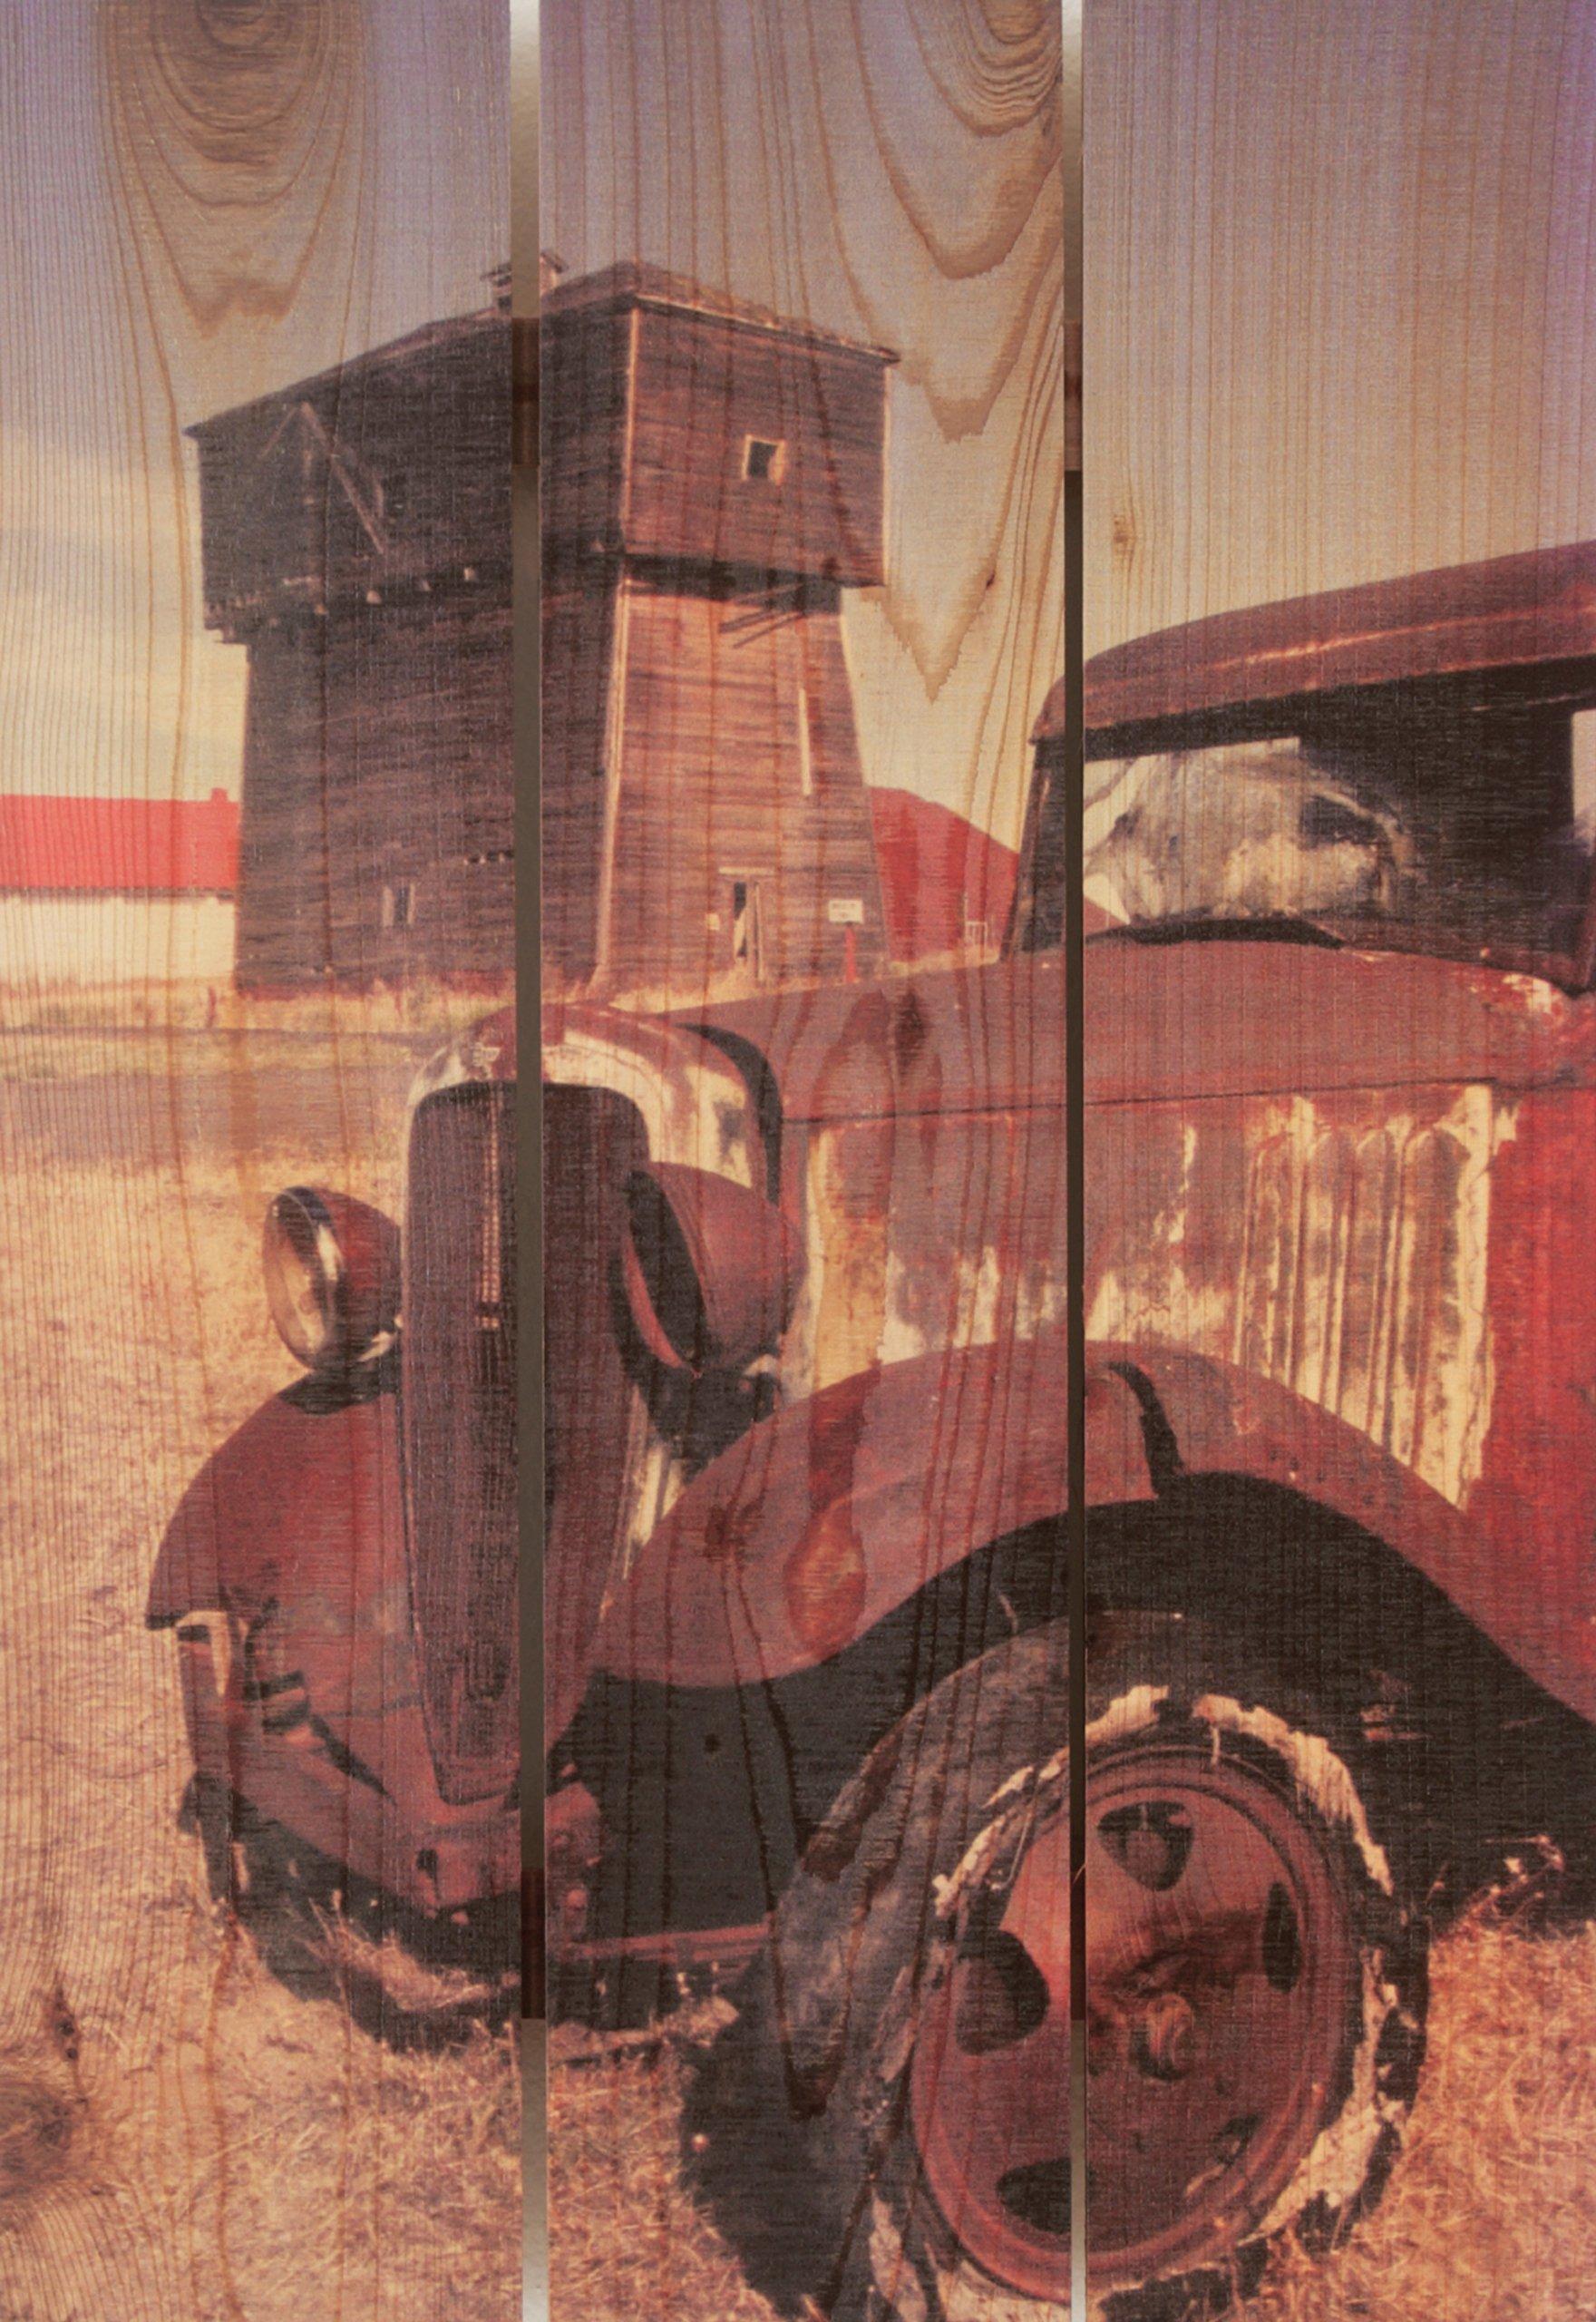 Gizaun Art Rust Bucket Inside/Outside Wall Art, Full Color on Cedar, 16-Inch by 24-Inch